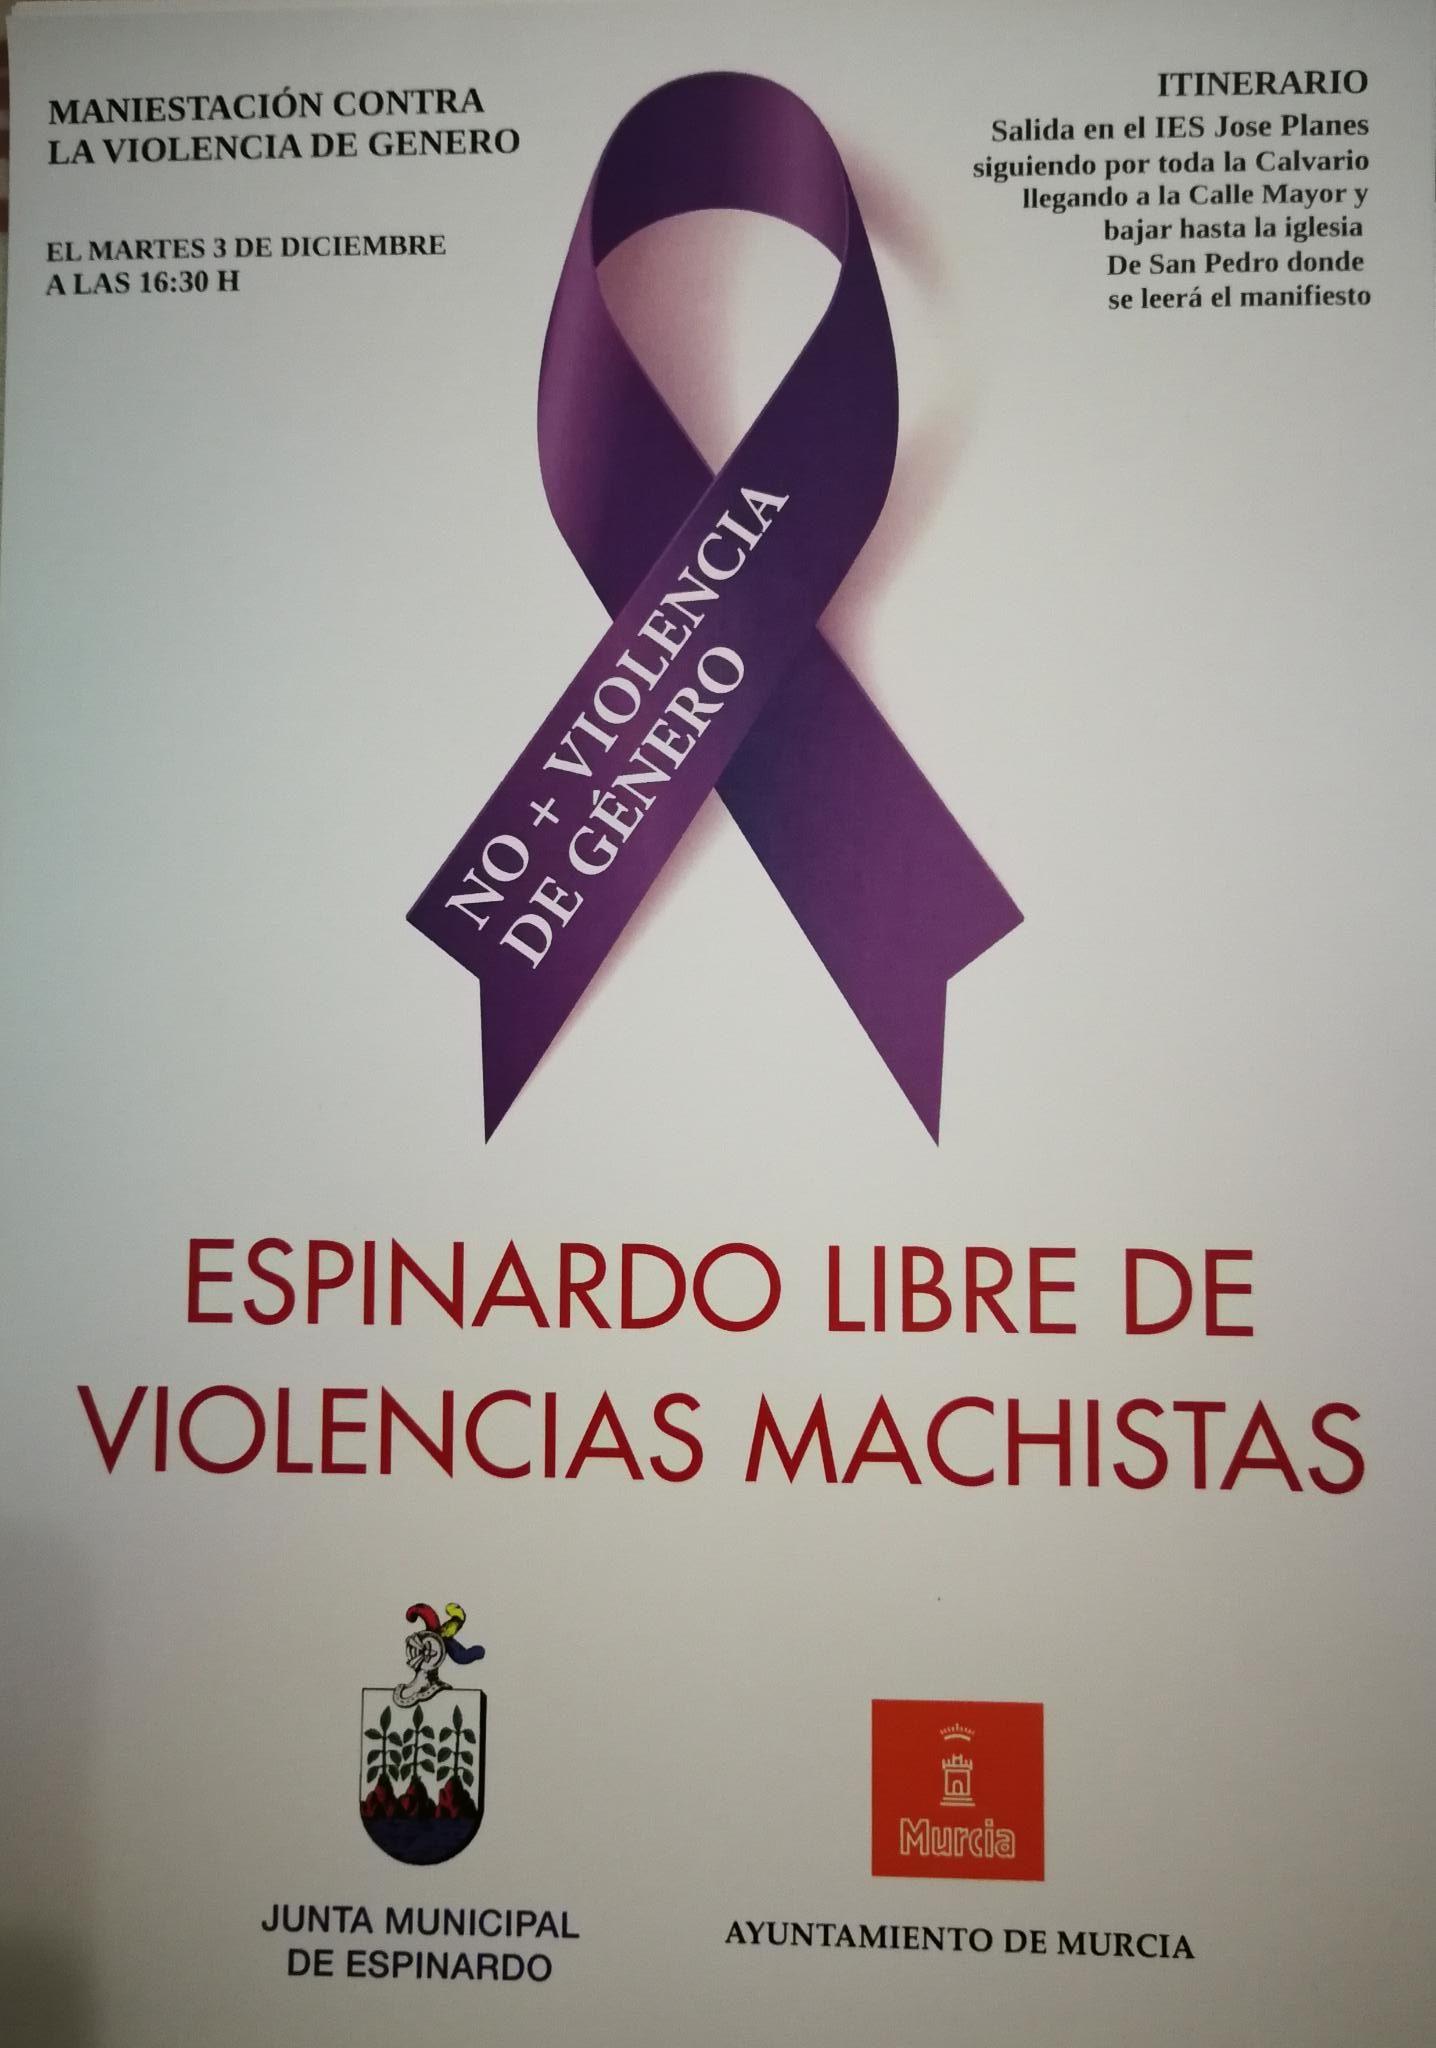 2019-12-03 Cartel Manifestación Contra La Violencia de Genero en Espinardo